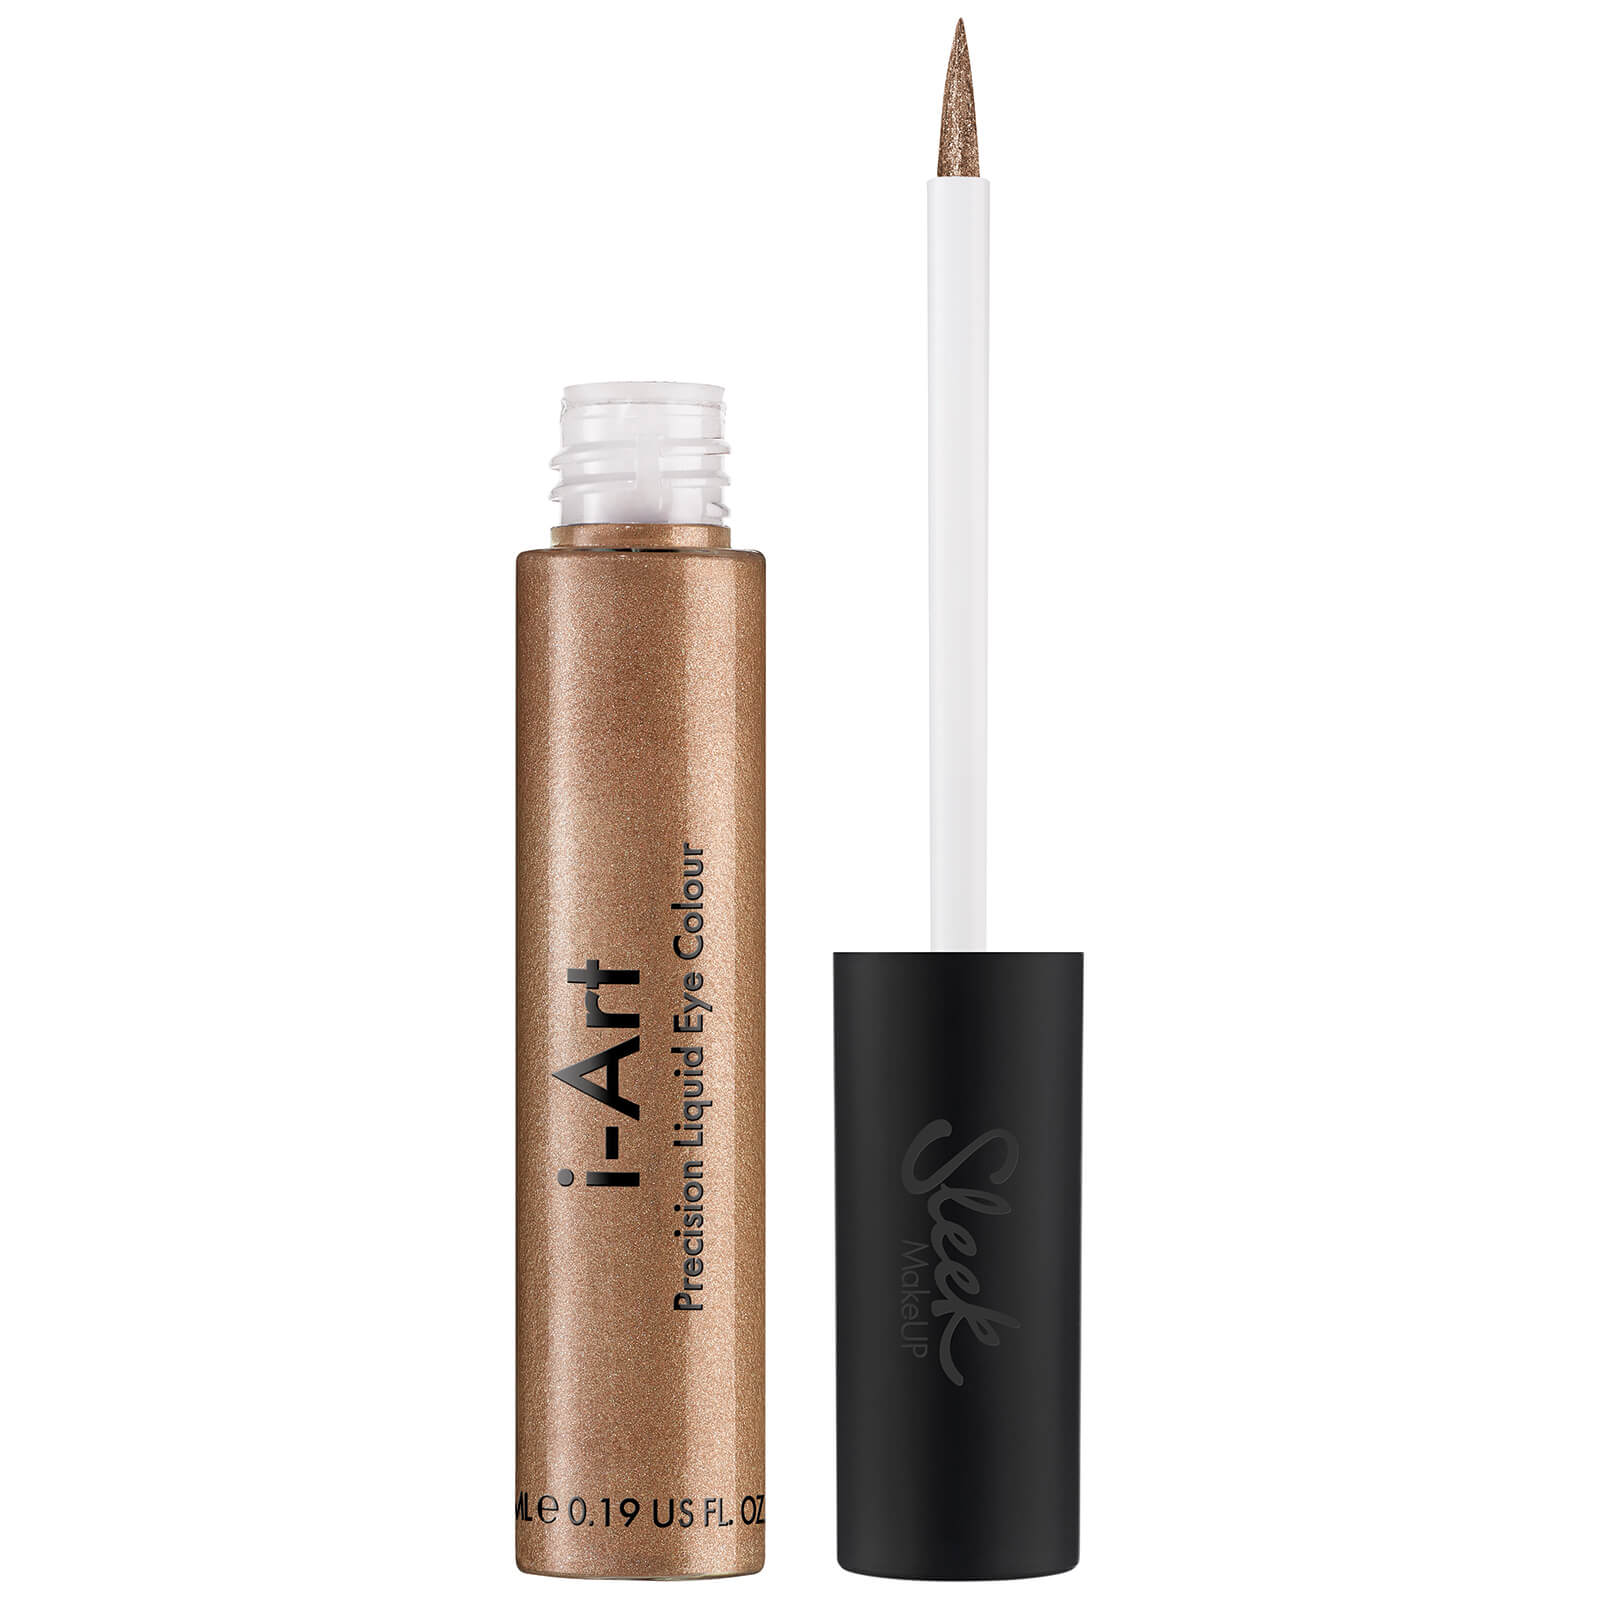 Sleek MakeUP I-Art Liquid Eyeshadow 6ml (Various Shades) - Luminism